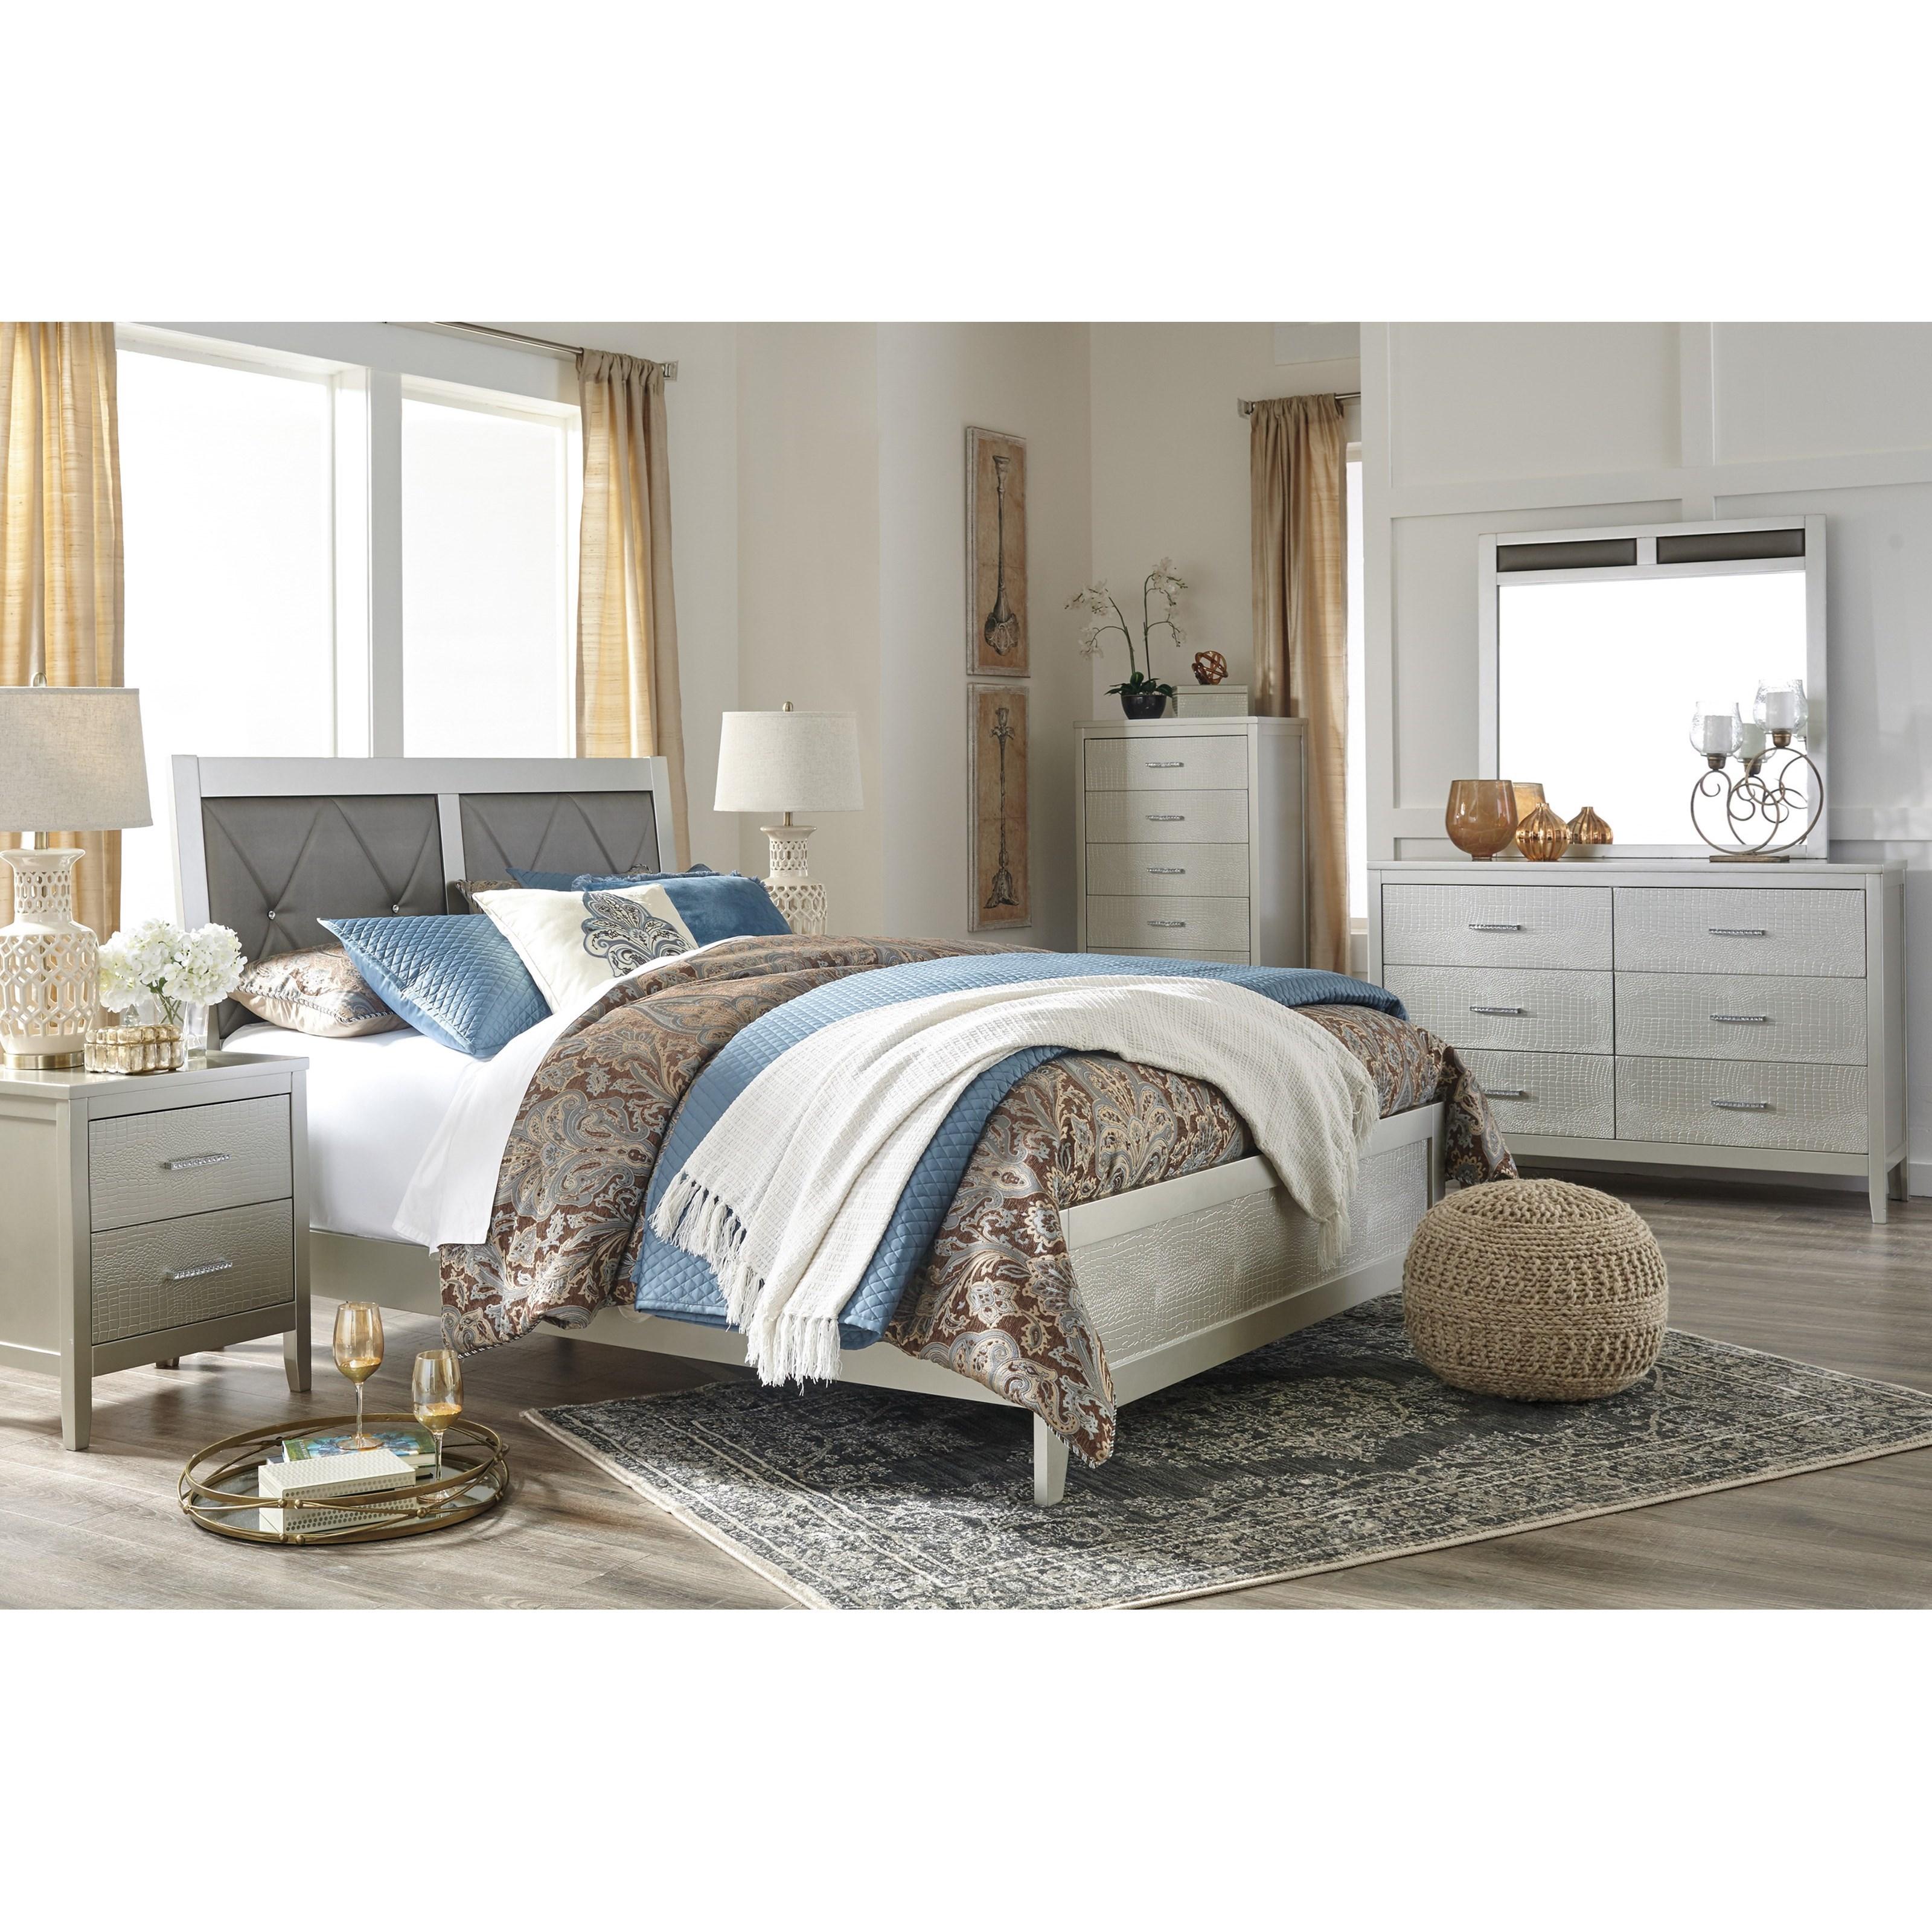 Signature Design By Ashley Olivet Glam King Bedroom Group Sam Levitz Furniture Bedroom Groups